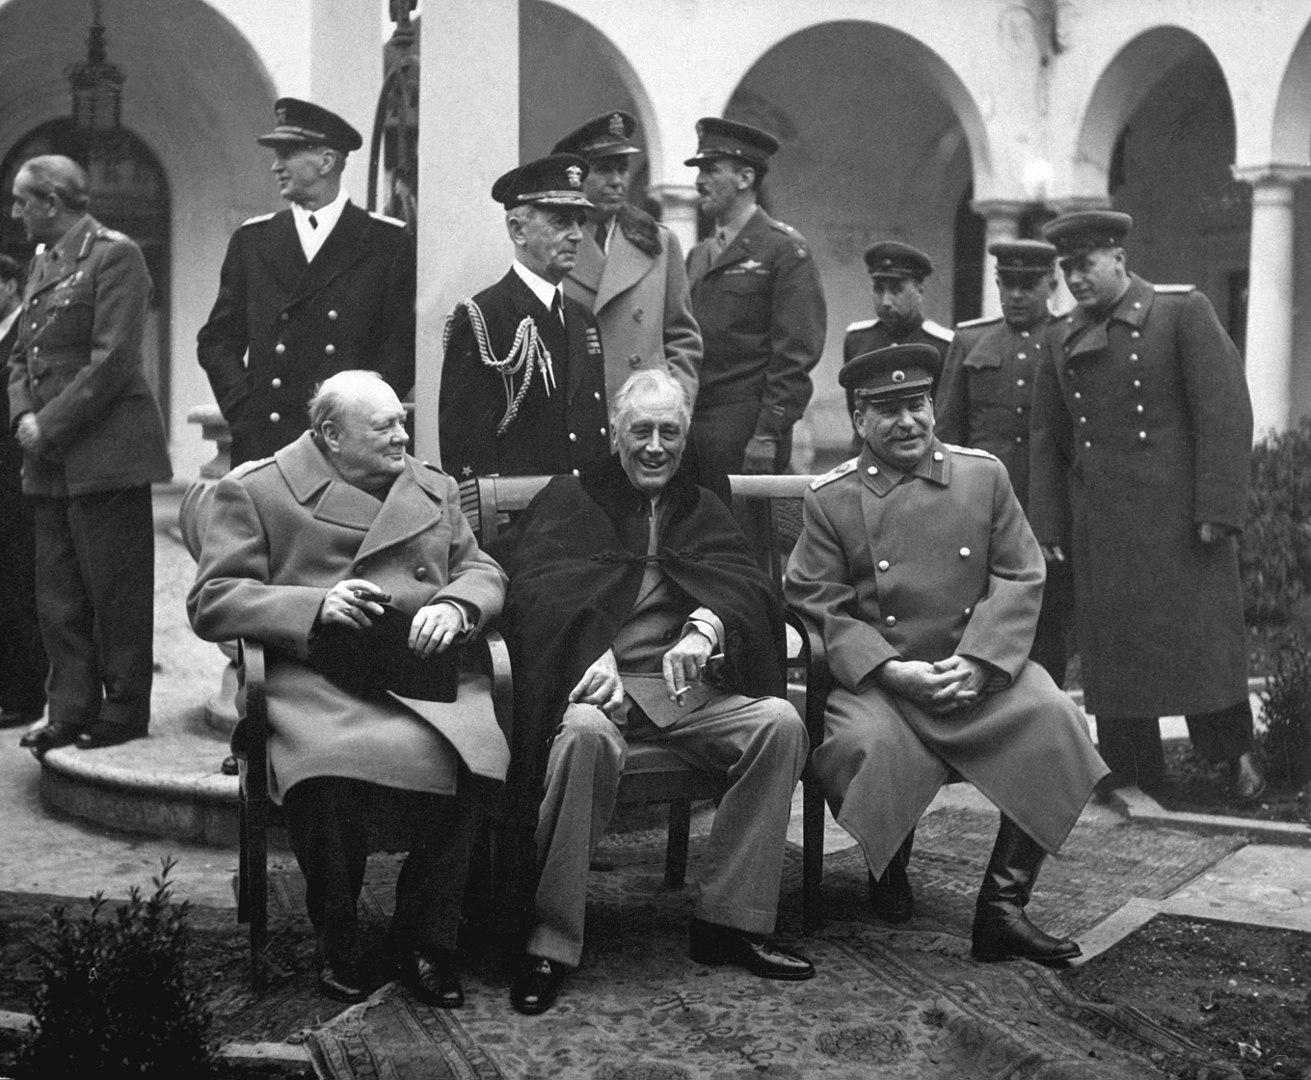 Fotó: Churchill, Roosevelt és Sztálin a konferencián. Andrew Cunningham, a brit flotta admirálisa és Charles Portal, a RAF marsallja Churchill mögött áll, William D. Leahy, az amerikai haditengerészet admirálisa pedig Roosevelt mögött<br /><br />A jaltai konferencia (kódnevén Argonauta konferencia) 1945. február 4. és február 11. között zajlott le a szövetséges államok vezetői között. Sorrendben ez volt a második találkozó a három nagyhatalom, az Amerikai Egyesült Államok, Egyesült Királyság és a Szovjetunió vezetői között a háború folyamán. Országaikat Franklin D. Roosevelt, Winston Churchill és Joszif Visszarionovics Sztálin képviselte.